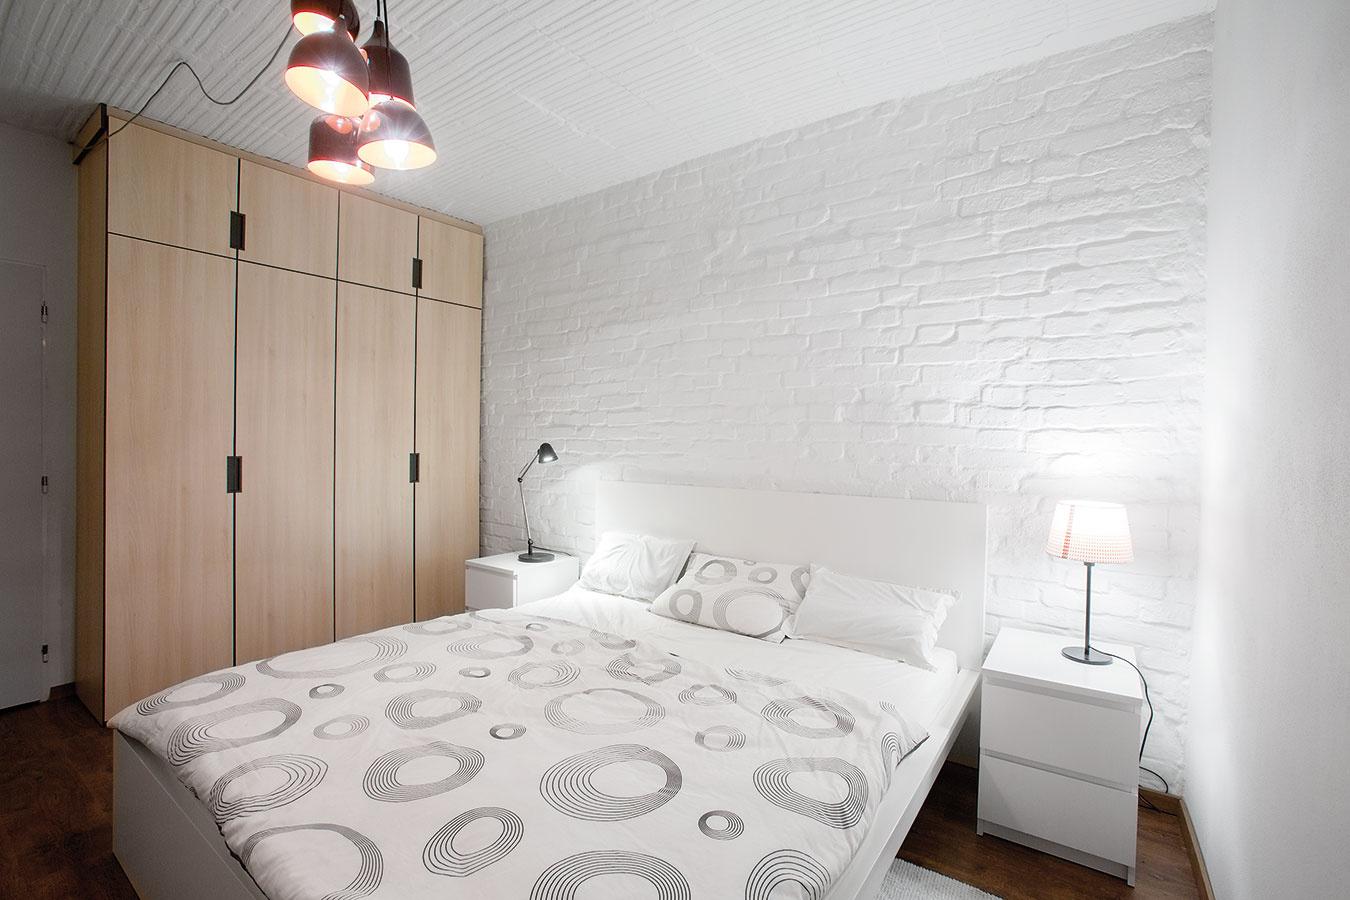 Nábytok na mieru vdrevenom dekore je odlíšený od typového. Ten je vprípade spálne jednoduchý, biely, vystihujúci pánsku ležérnu eleganciu.